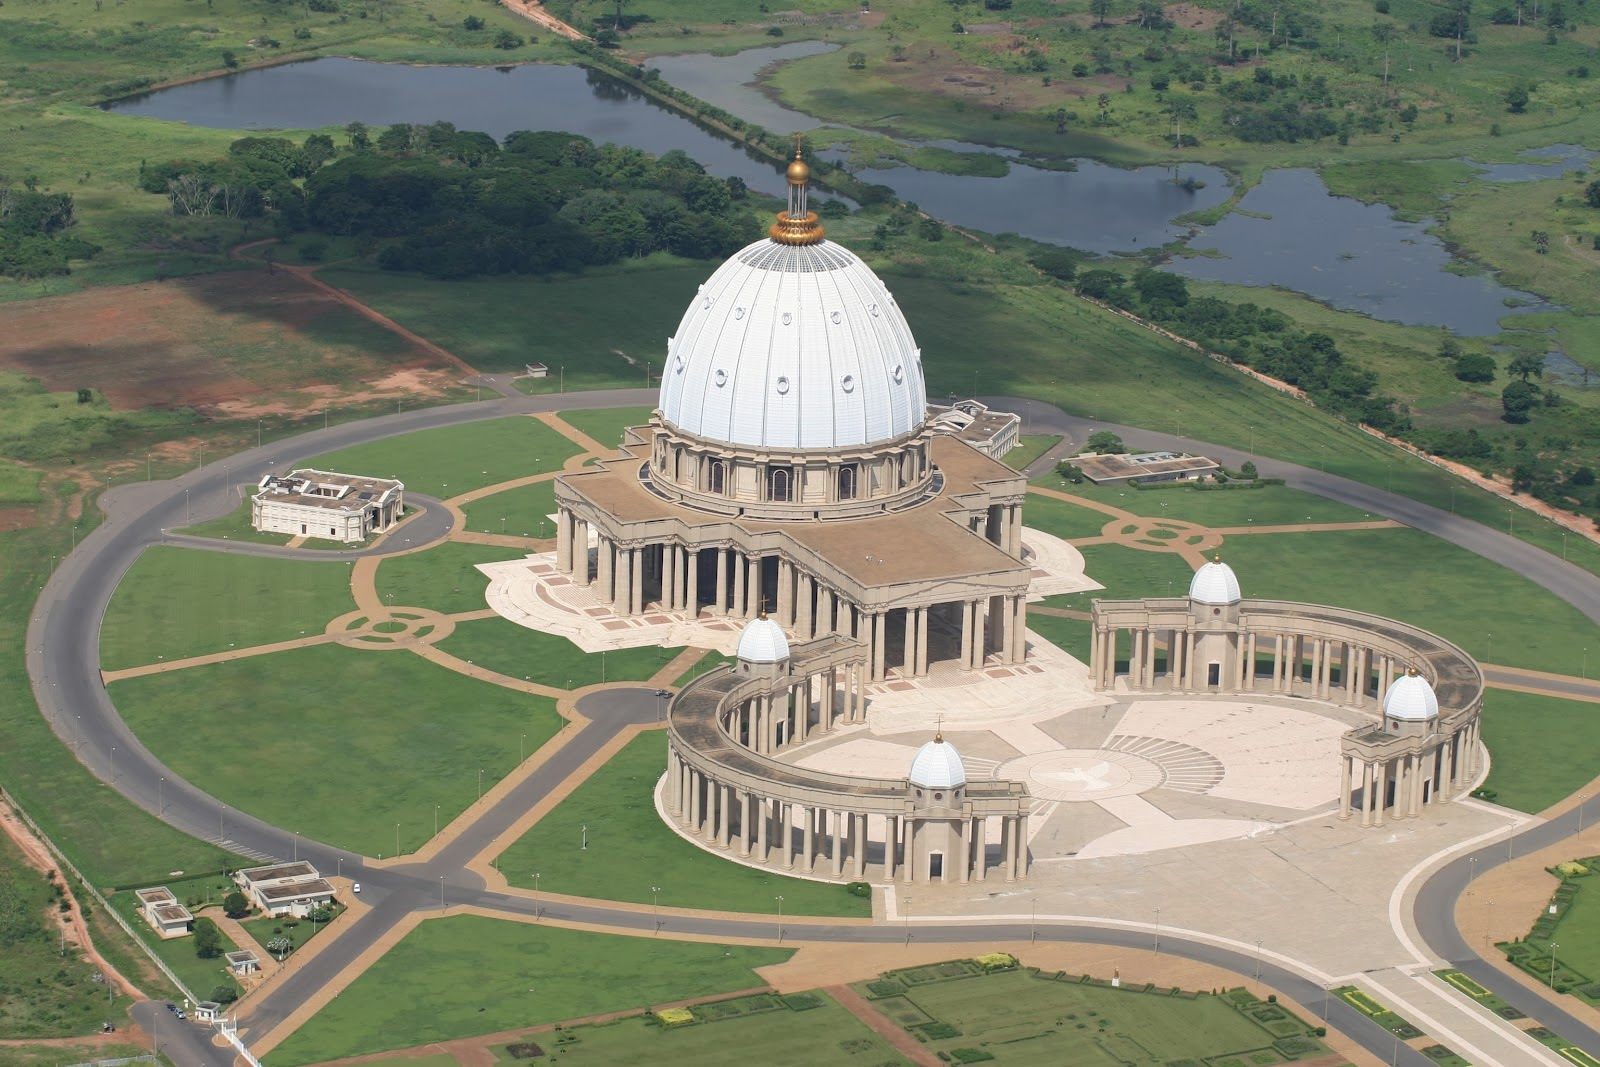 Notre-Dame de la paix de Yamoussoukro (Côte d'Ivoire) @ wikimedia commons / BNDPY 2013